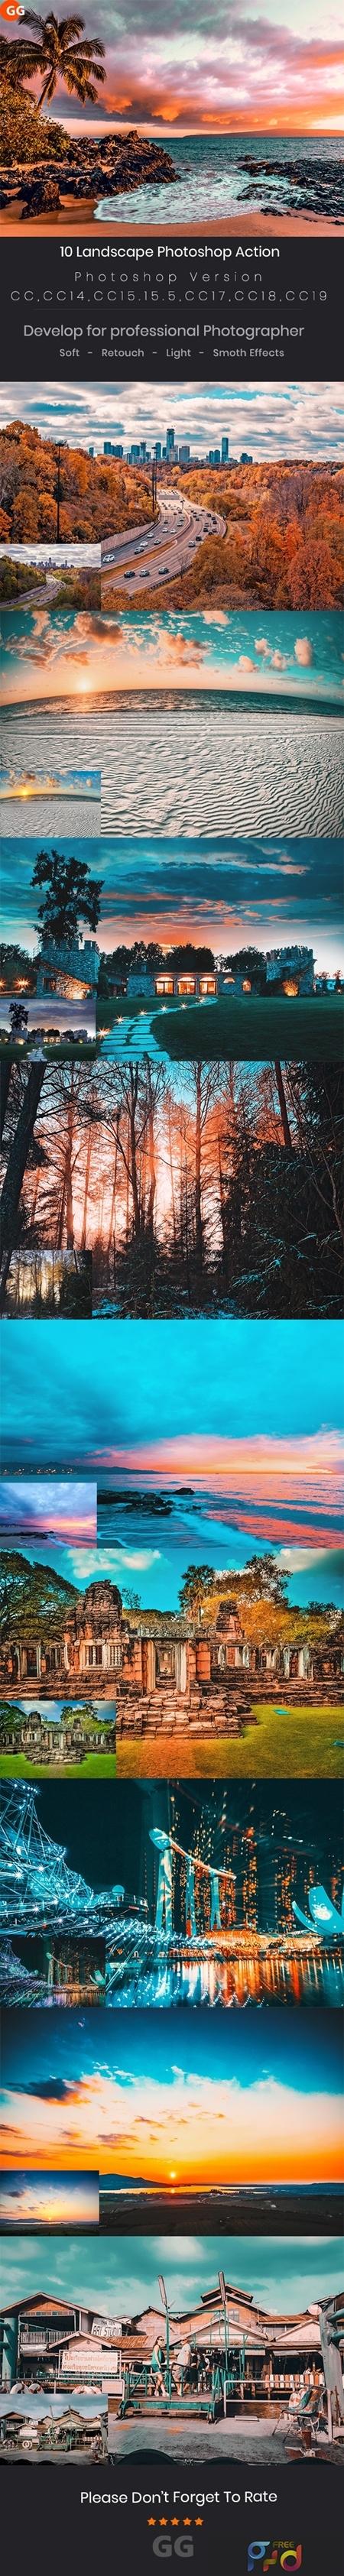 10 Landscape Photoshop Action 24688104 1